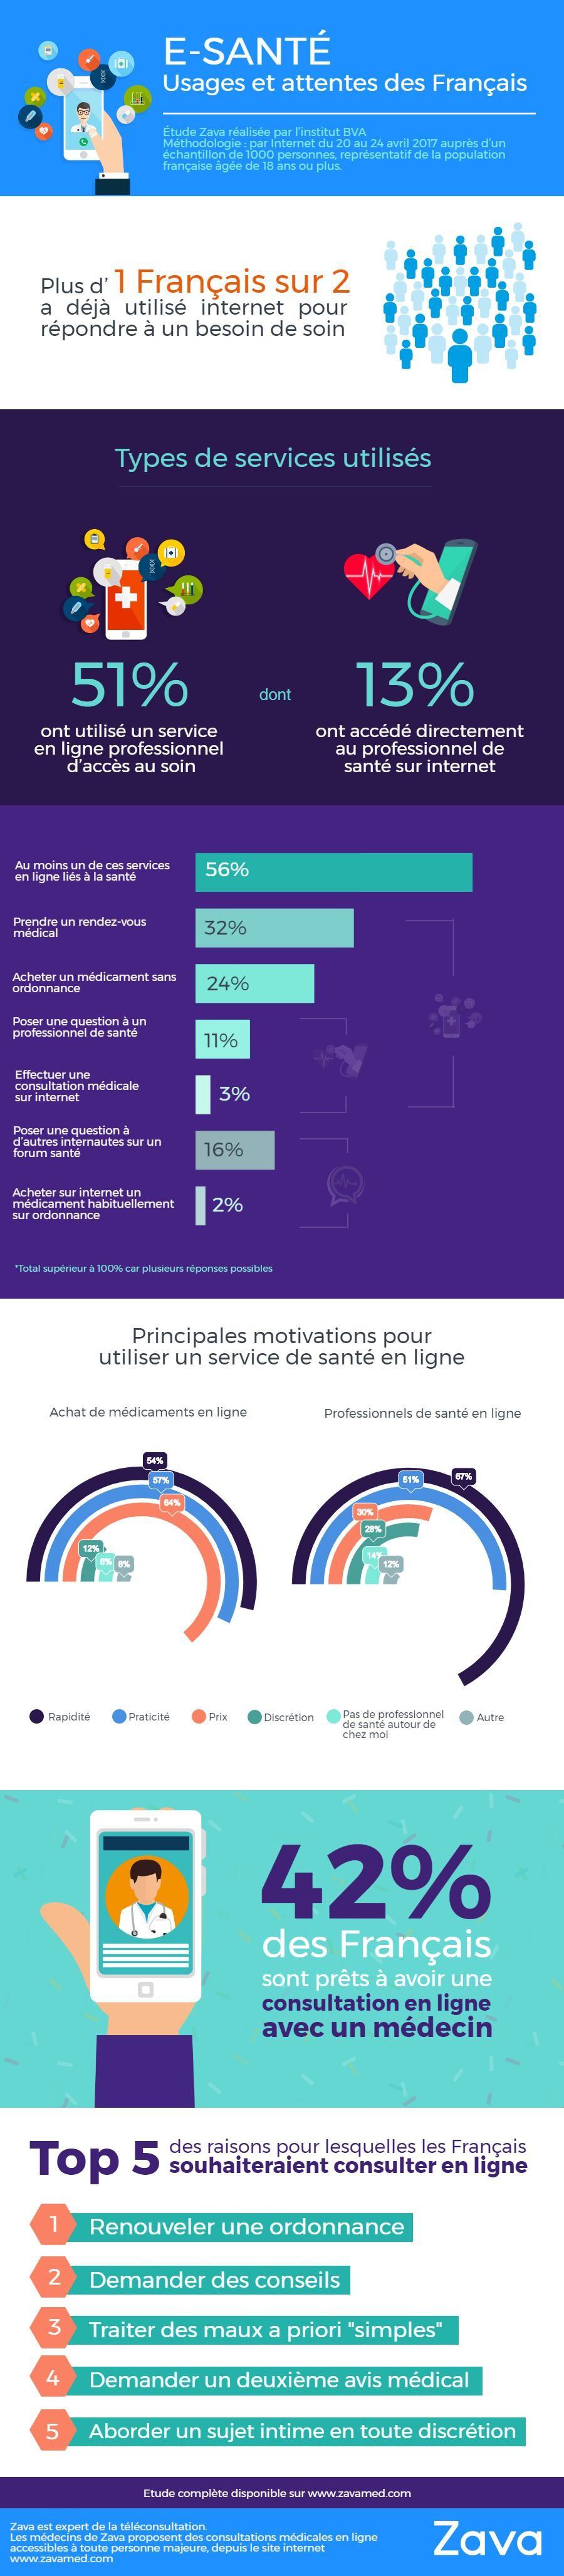 """Infographie """"E-santé : usages et attentes des Français"""" (juin 2017)"""